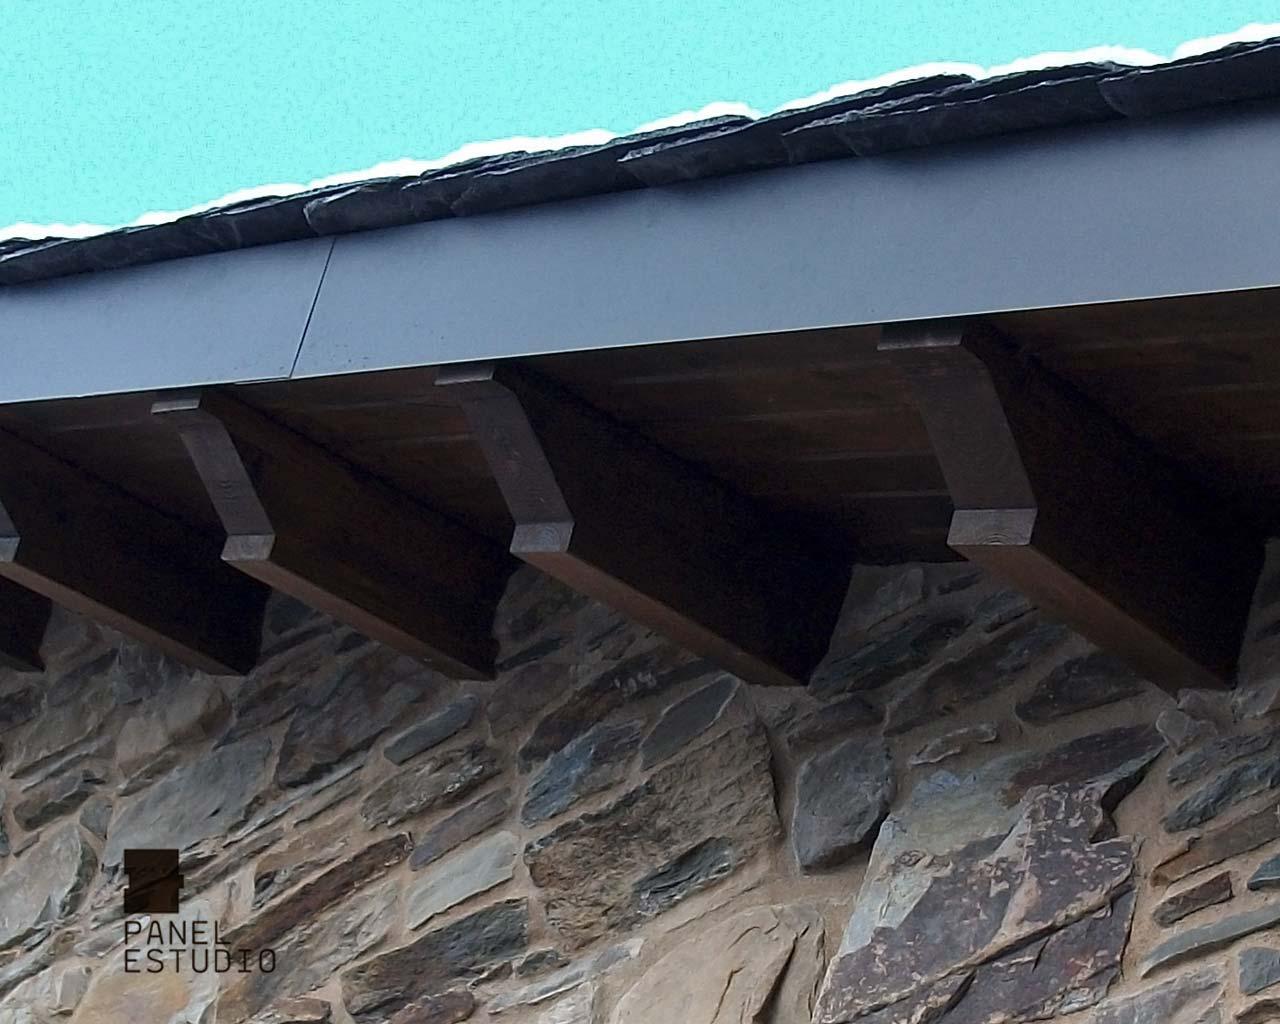 Remate protector del alero de panel de madera para for Tejados de madera modernos